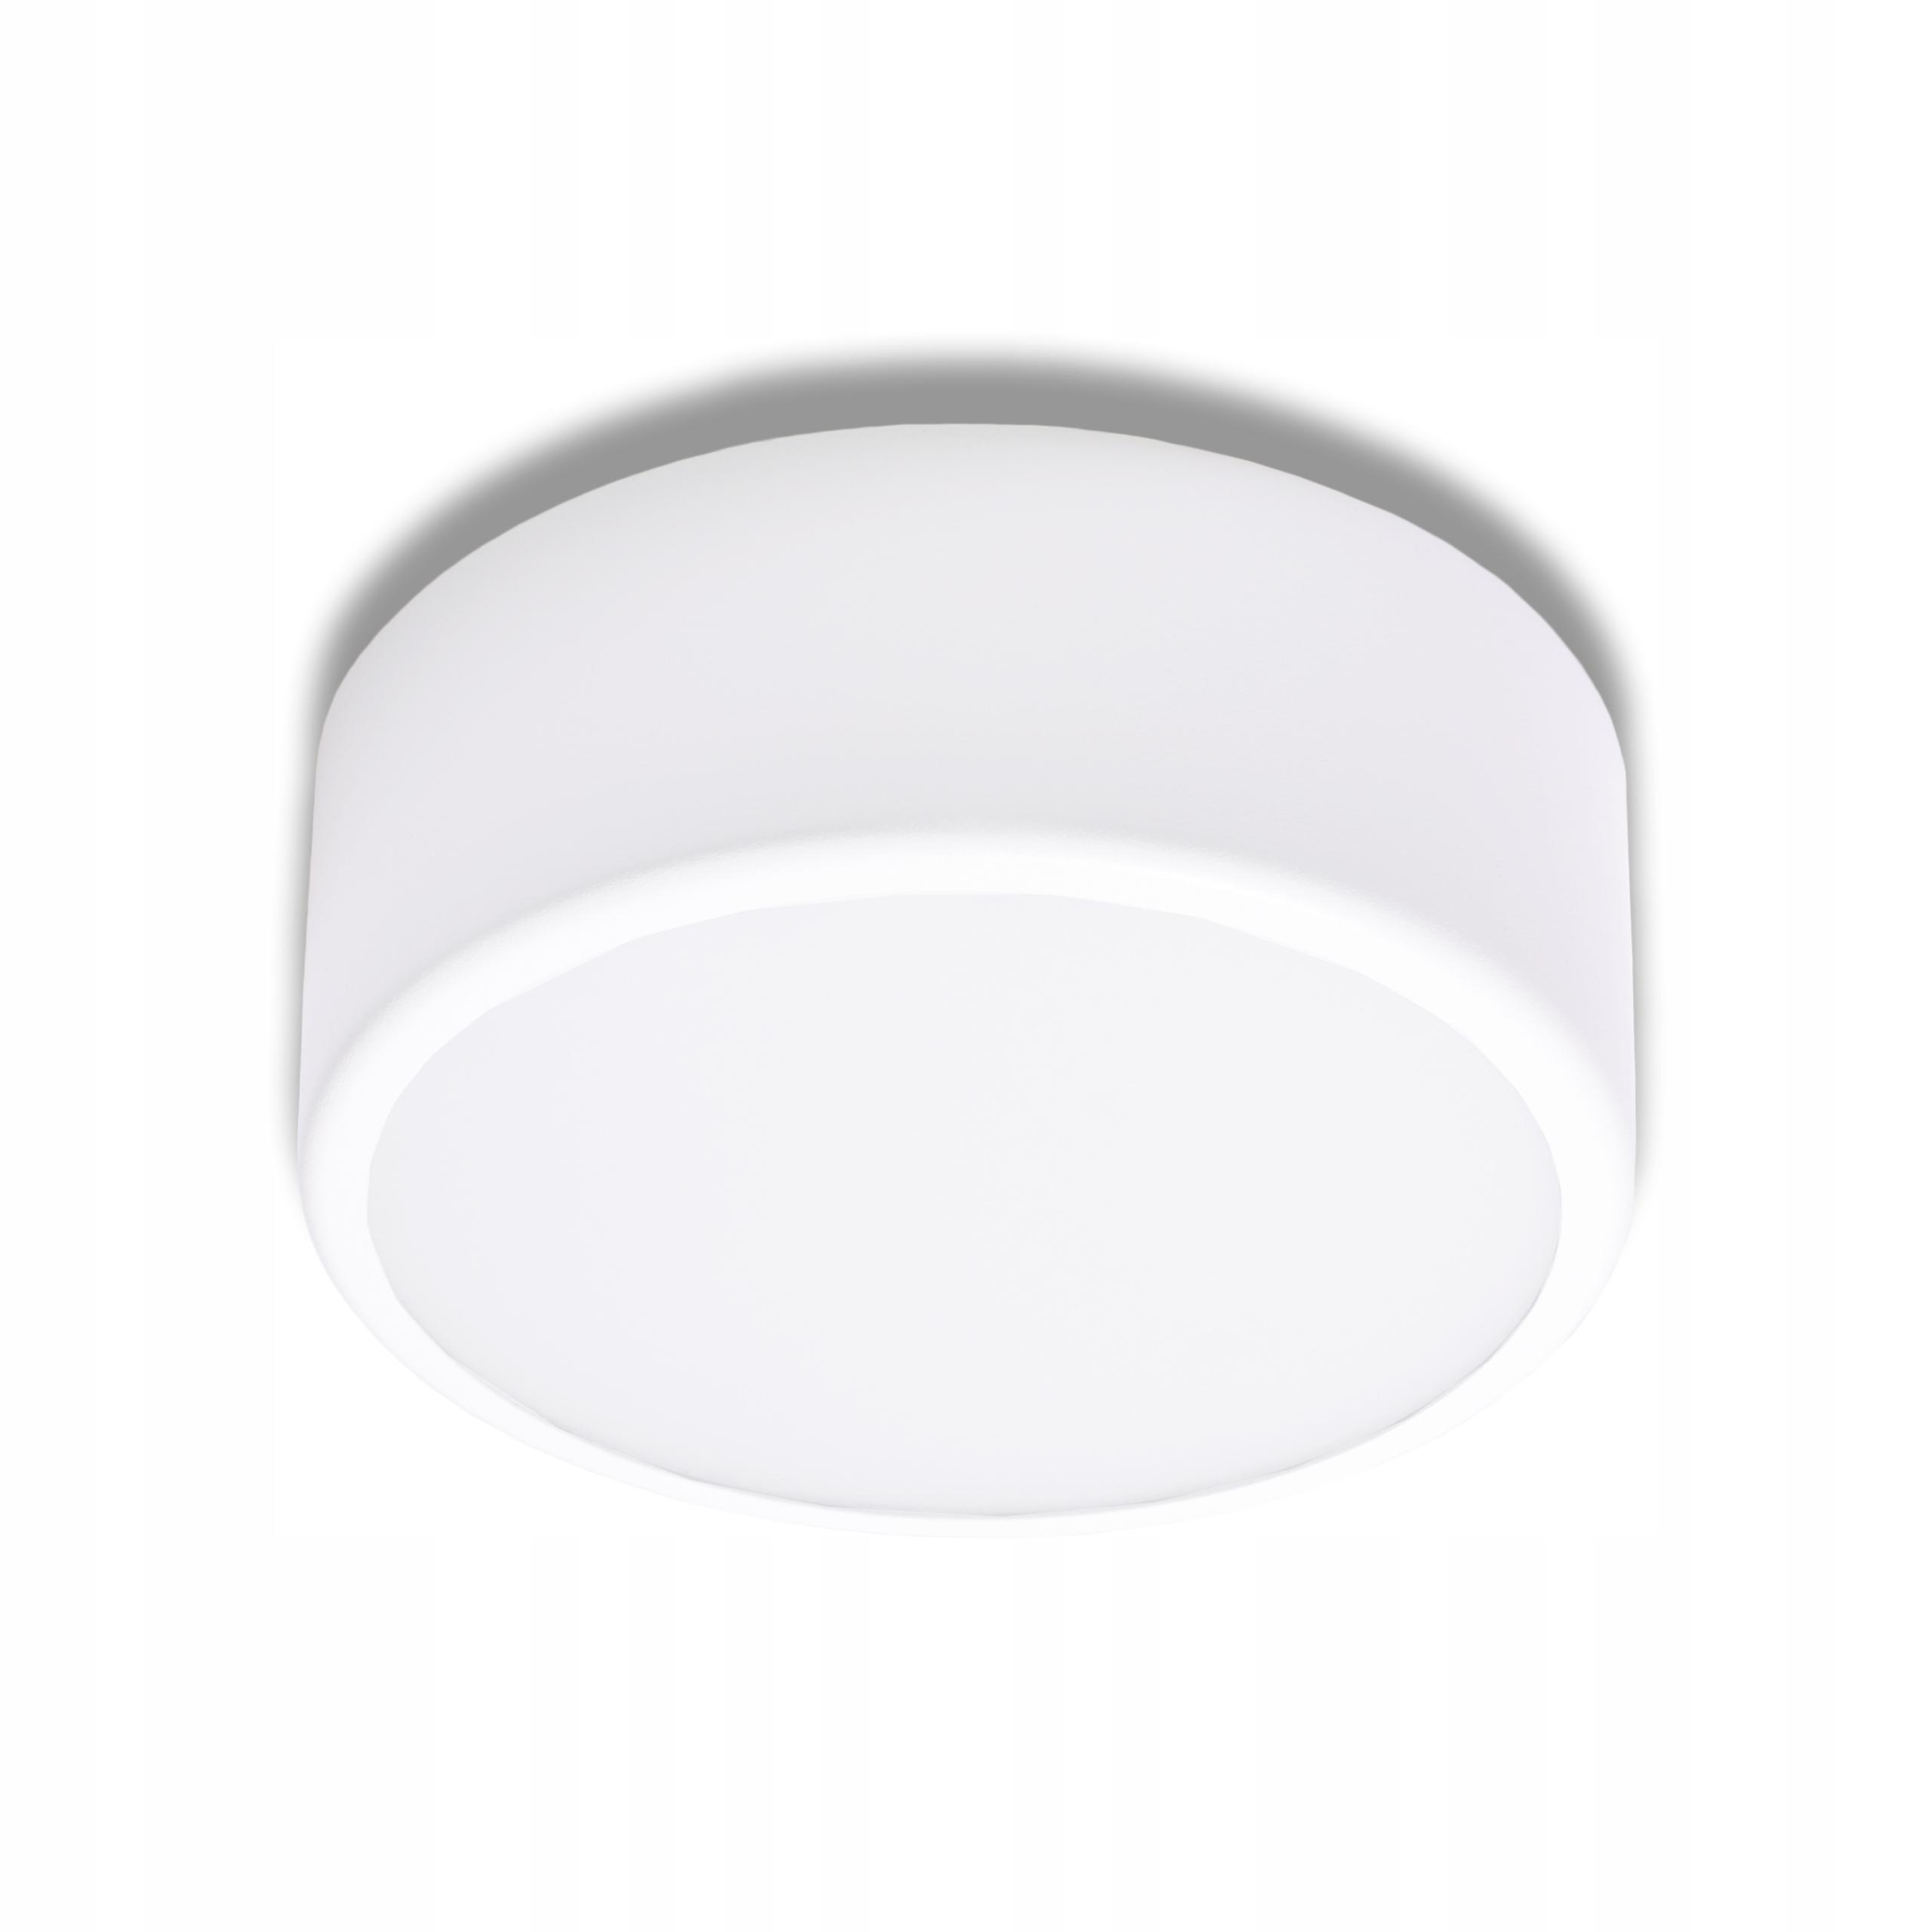 Lampa sufitowa Plafon LED CLEO 20075 24W Biały